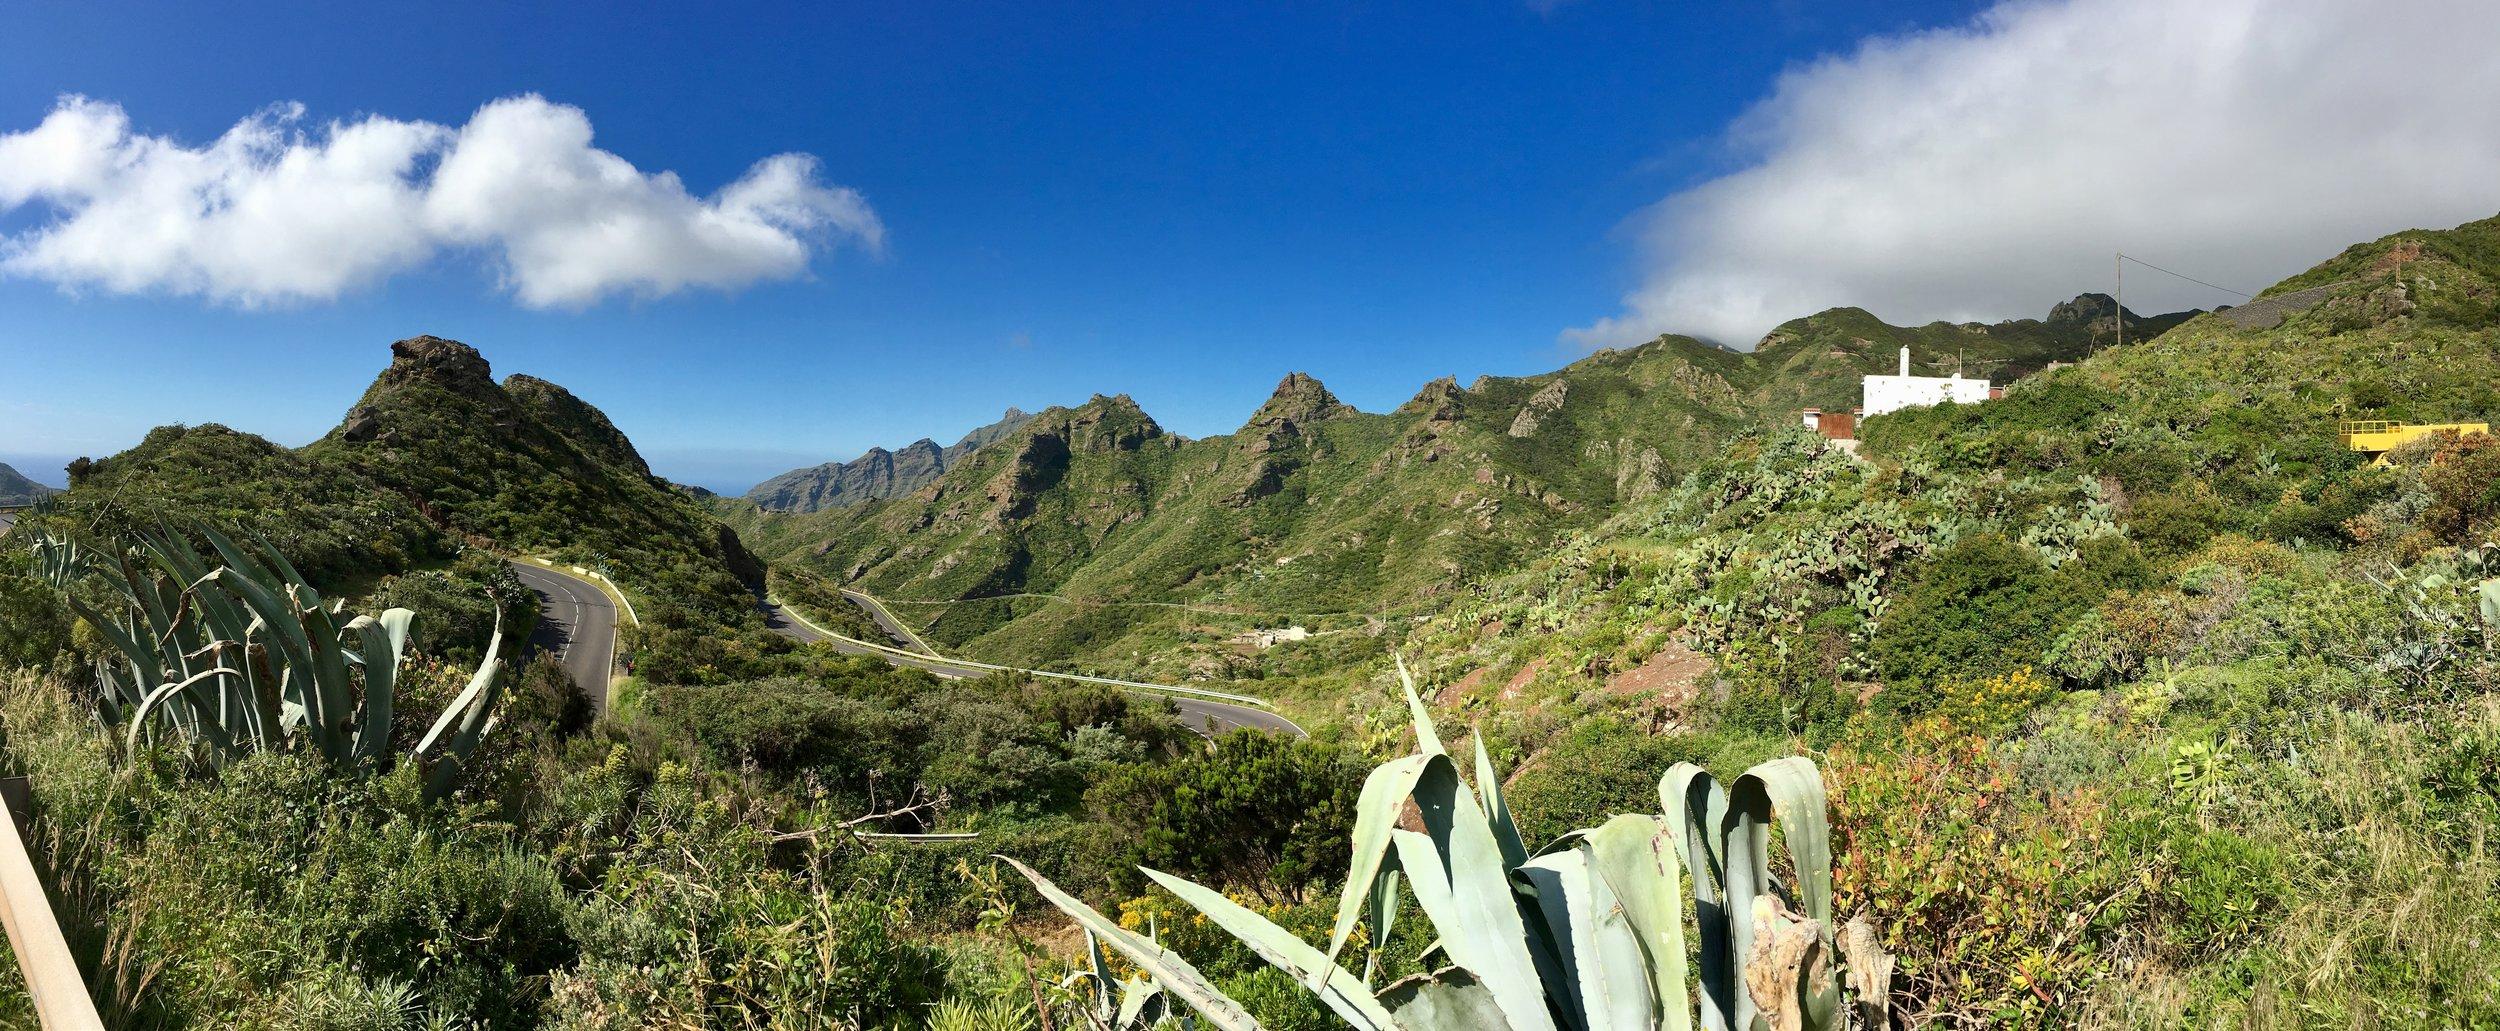 Anaga National Park